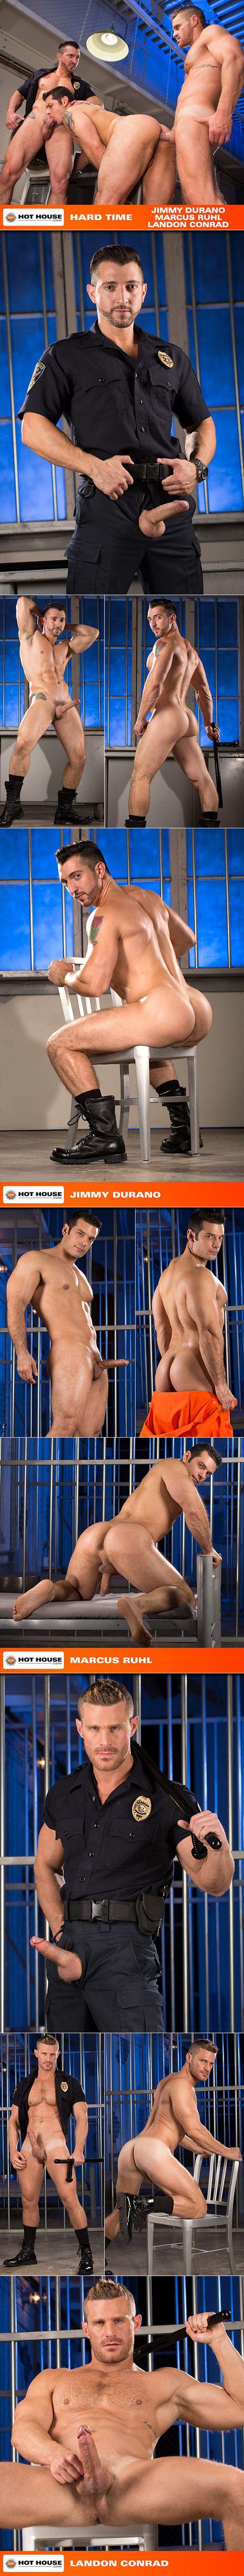 Jimmy-Marcus-Landon-HotHouse-1